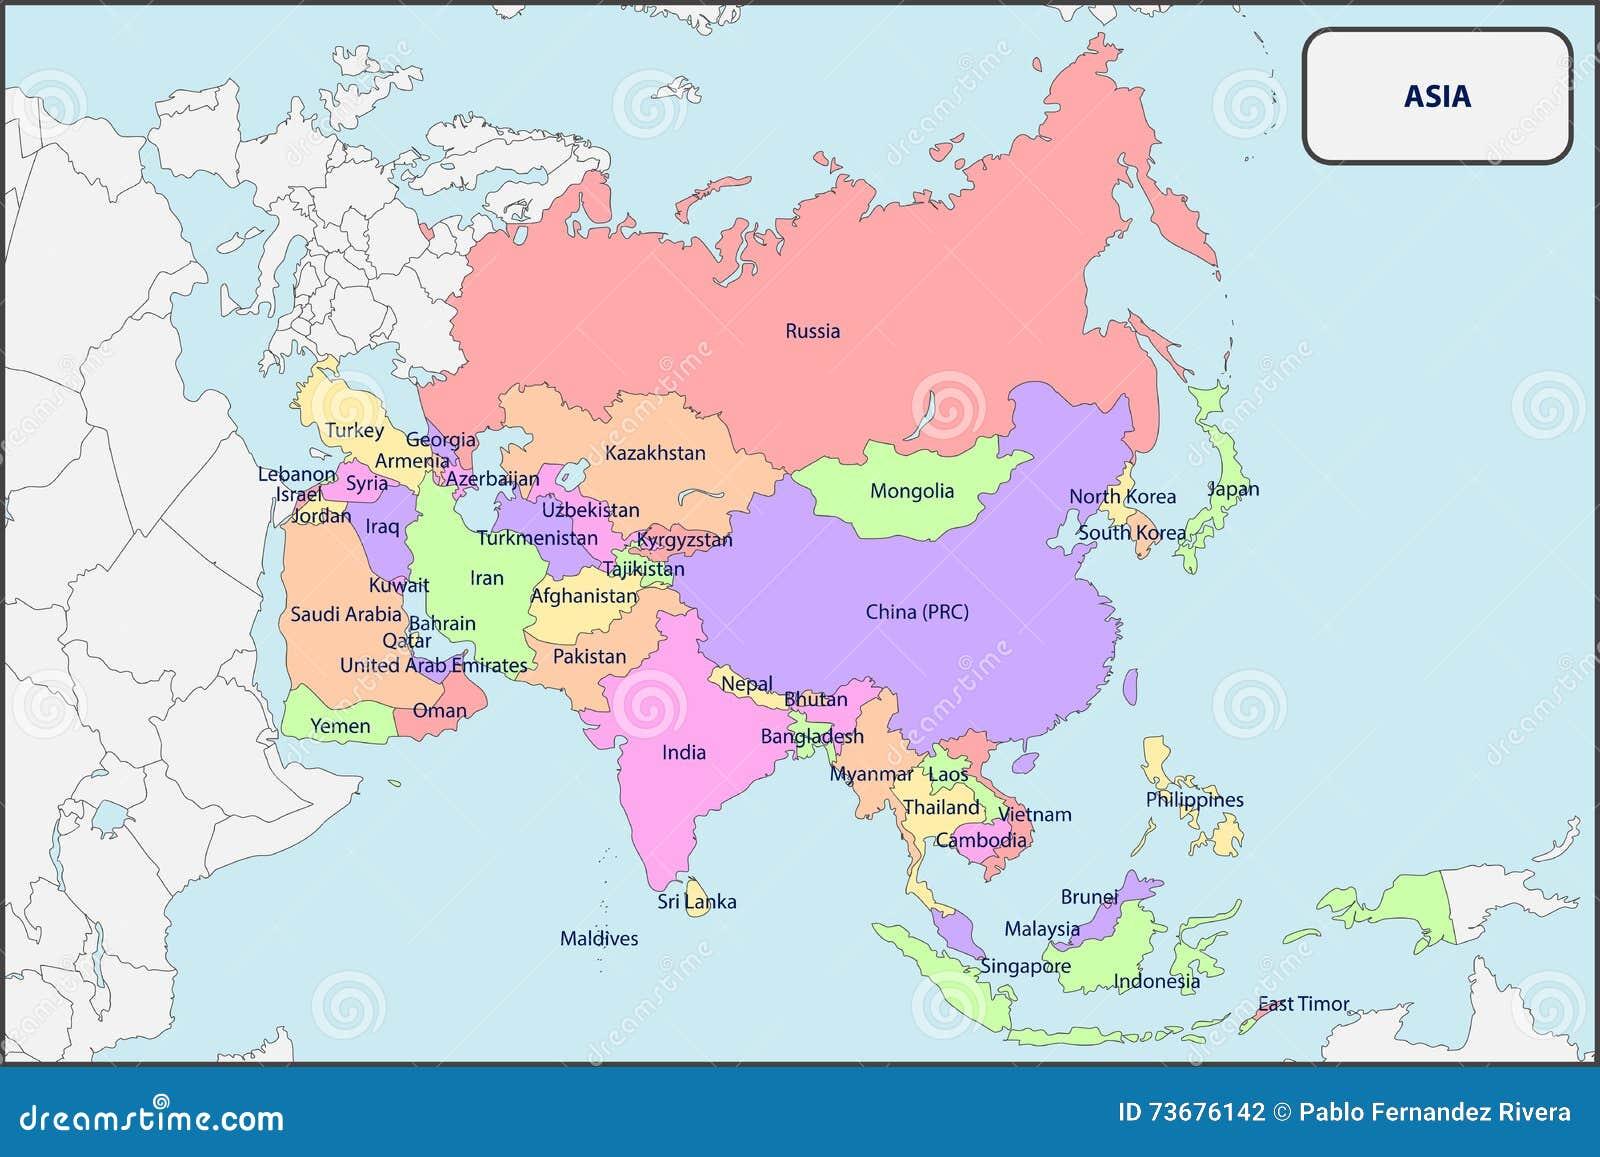 Politische Karte Asien.Politische Karte Von Asien Mit Namen Vektor Abbildung Illustration